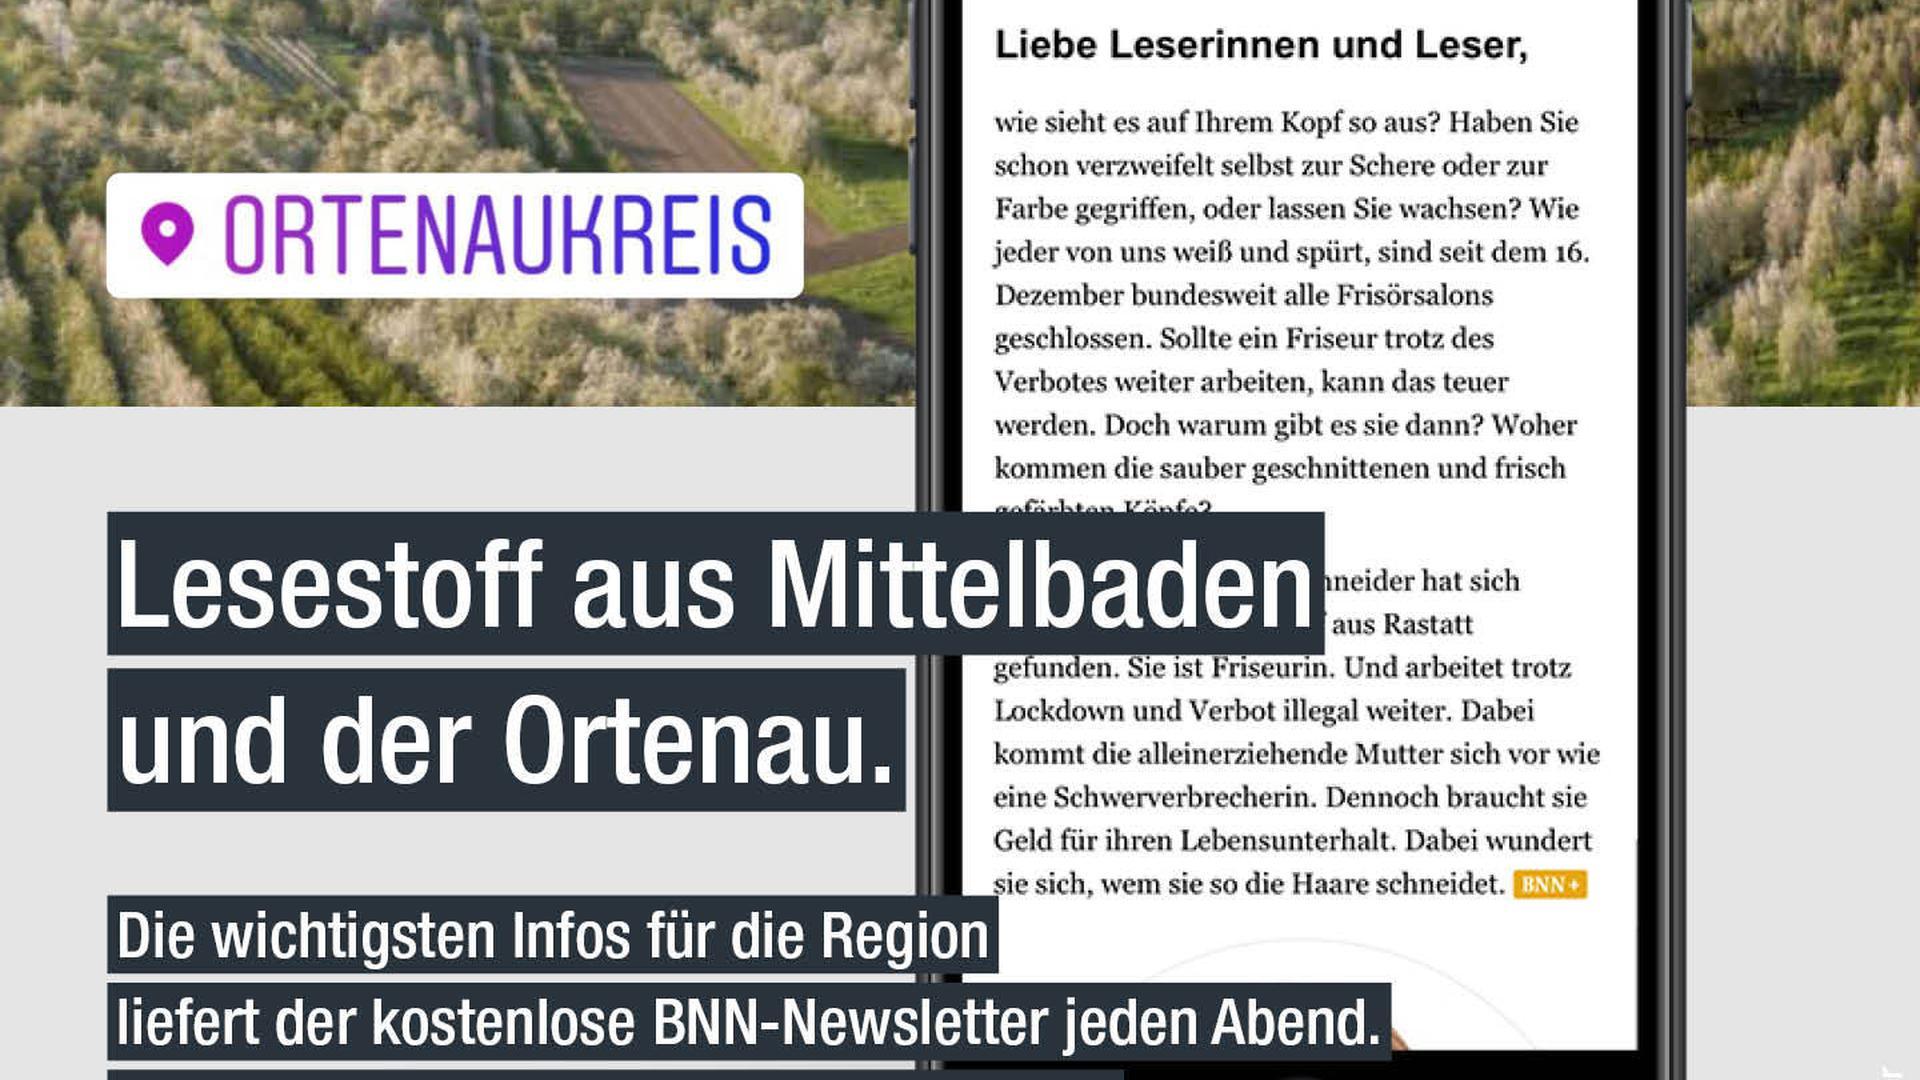 Smartphone mit Newsletter, dahinter Blick über Ortenau.